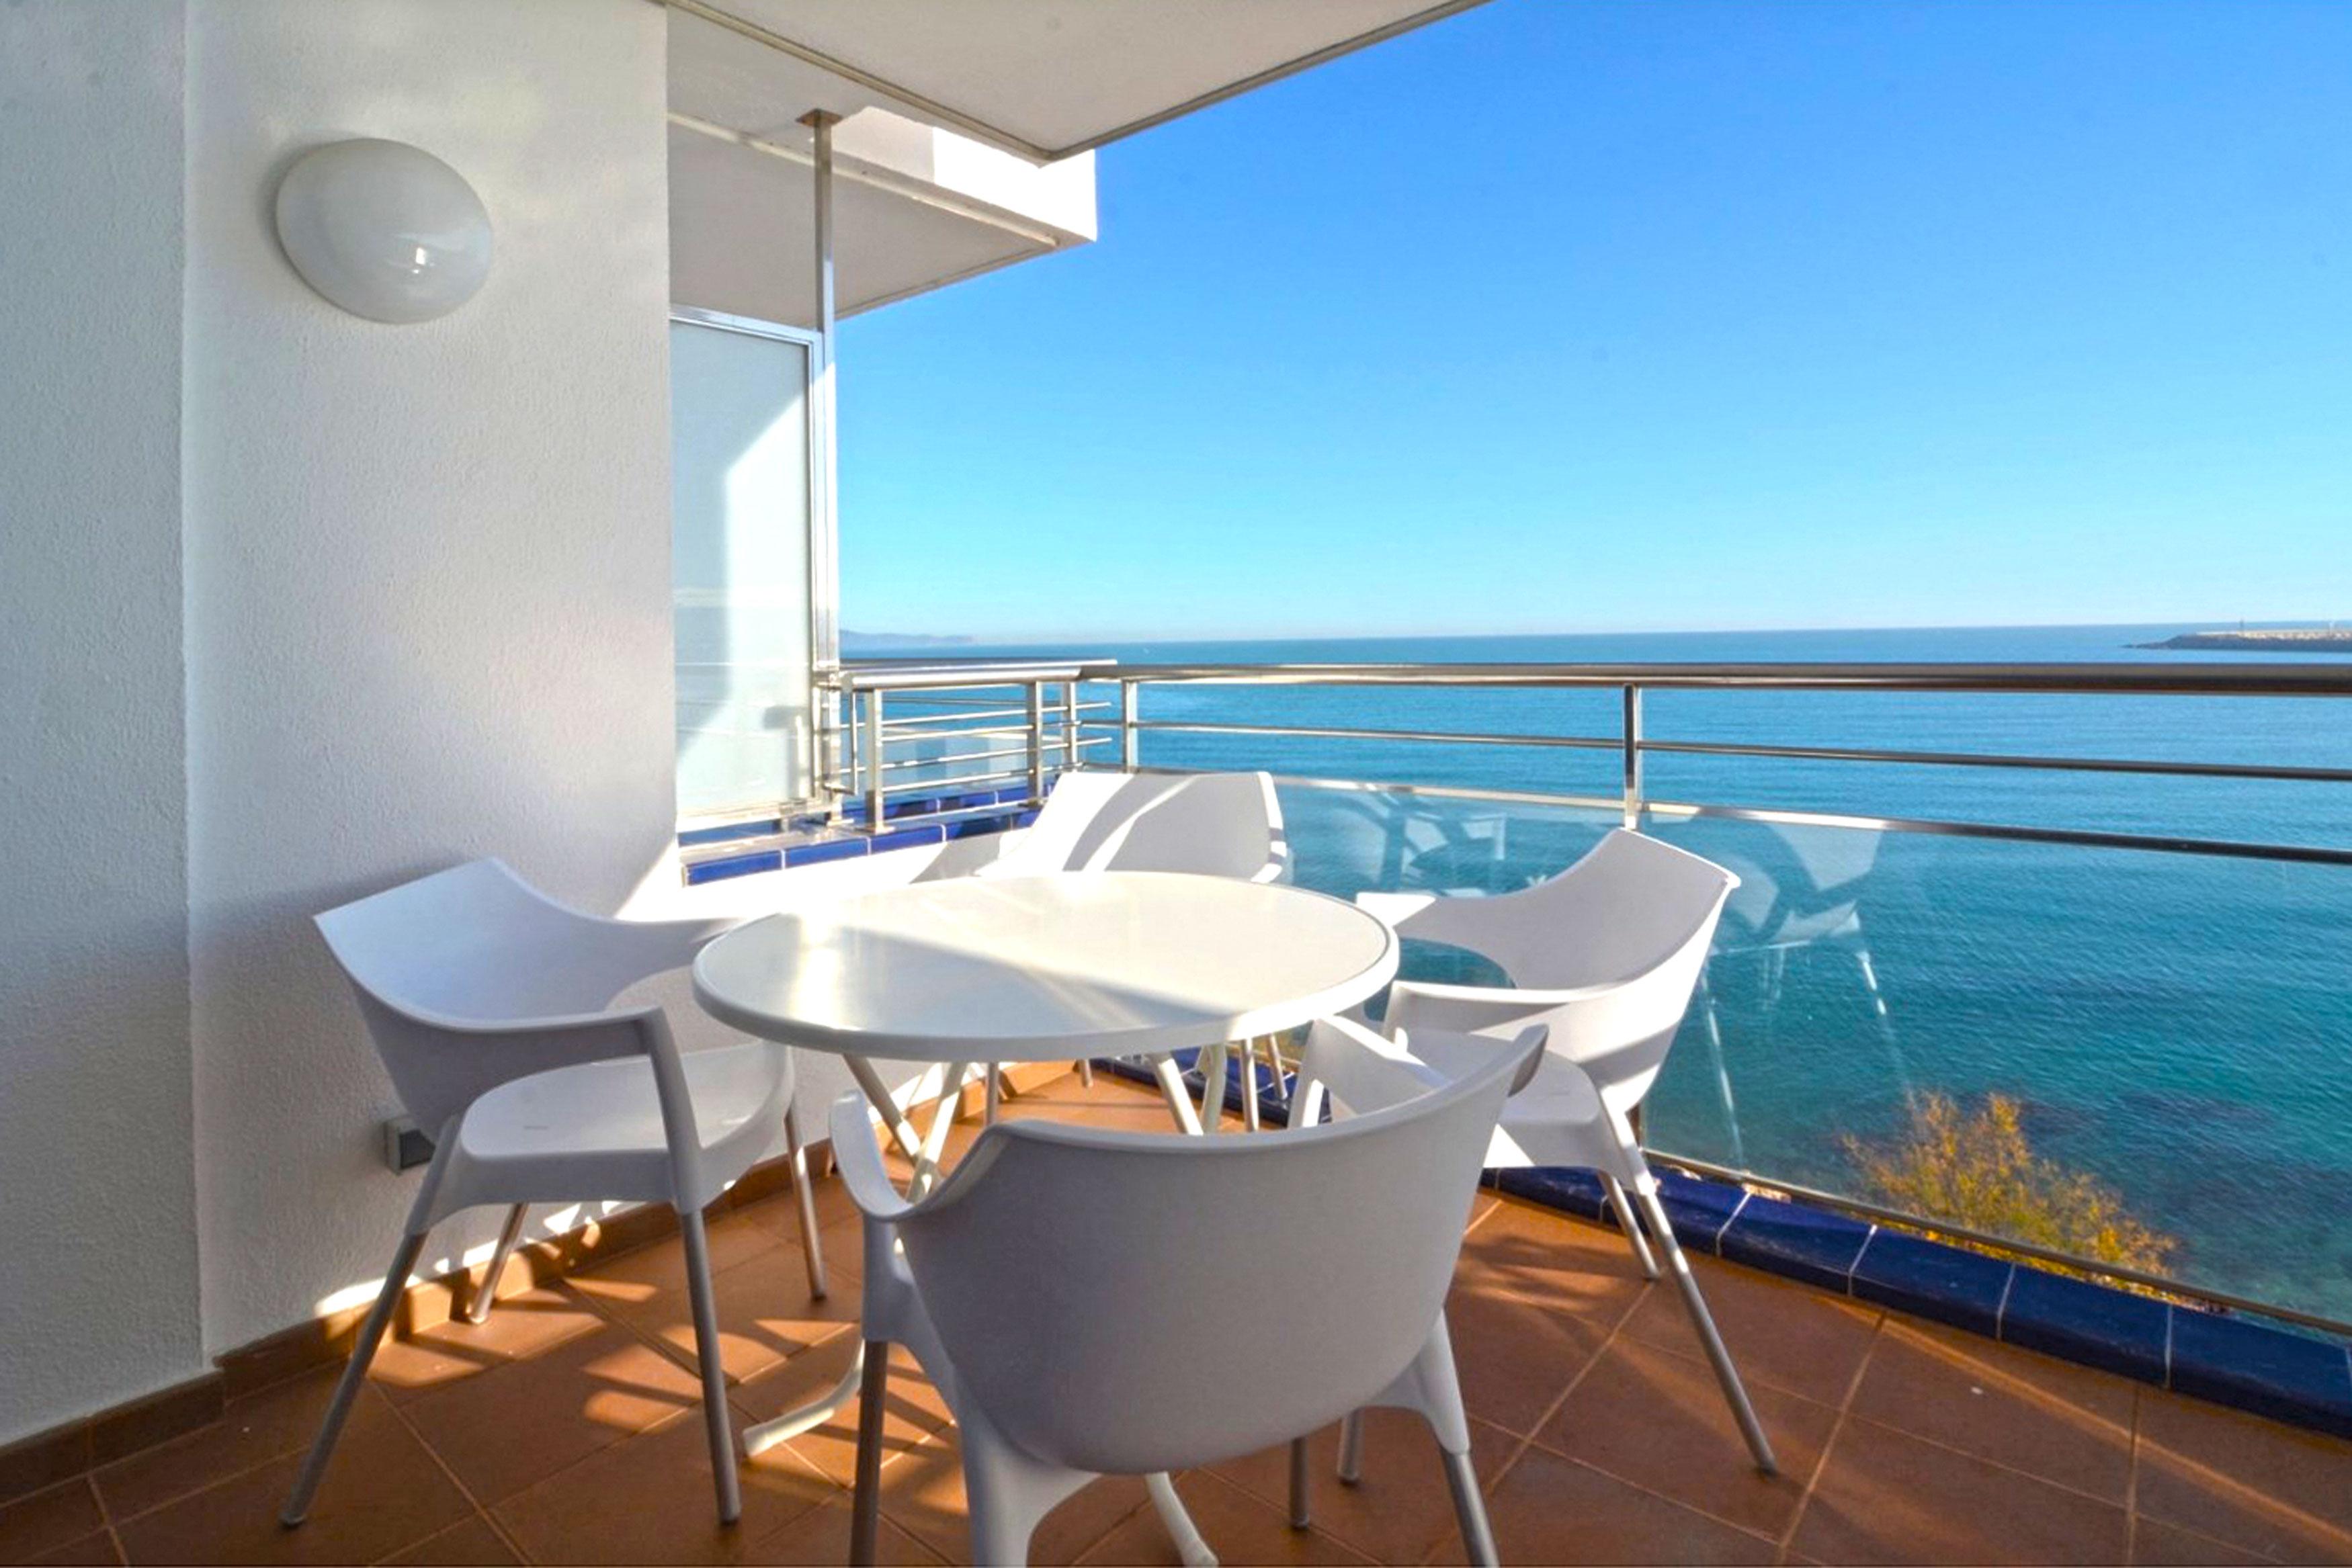 Vistamar l'Escala mooi uitzicht op zee